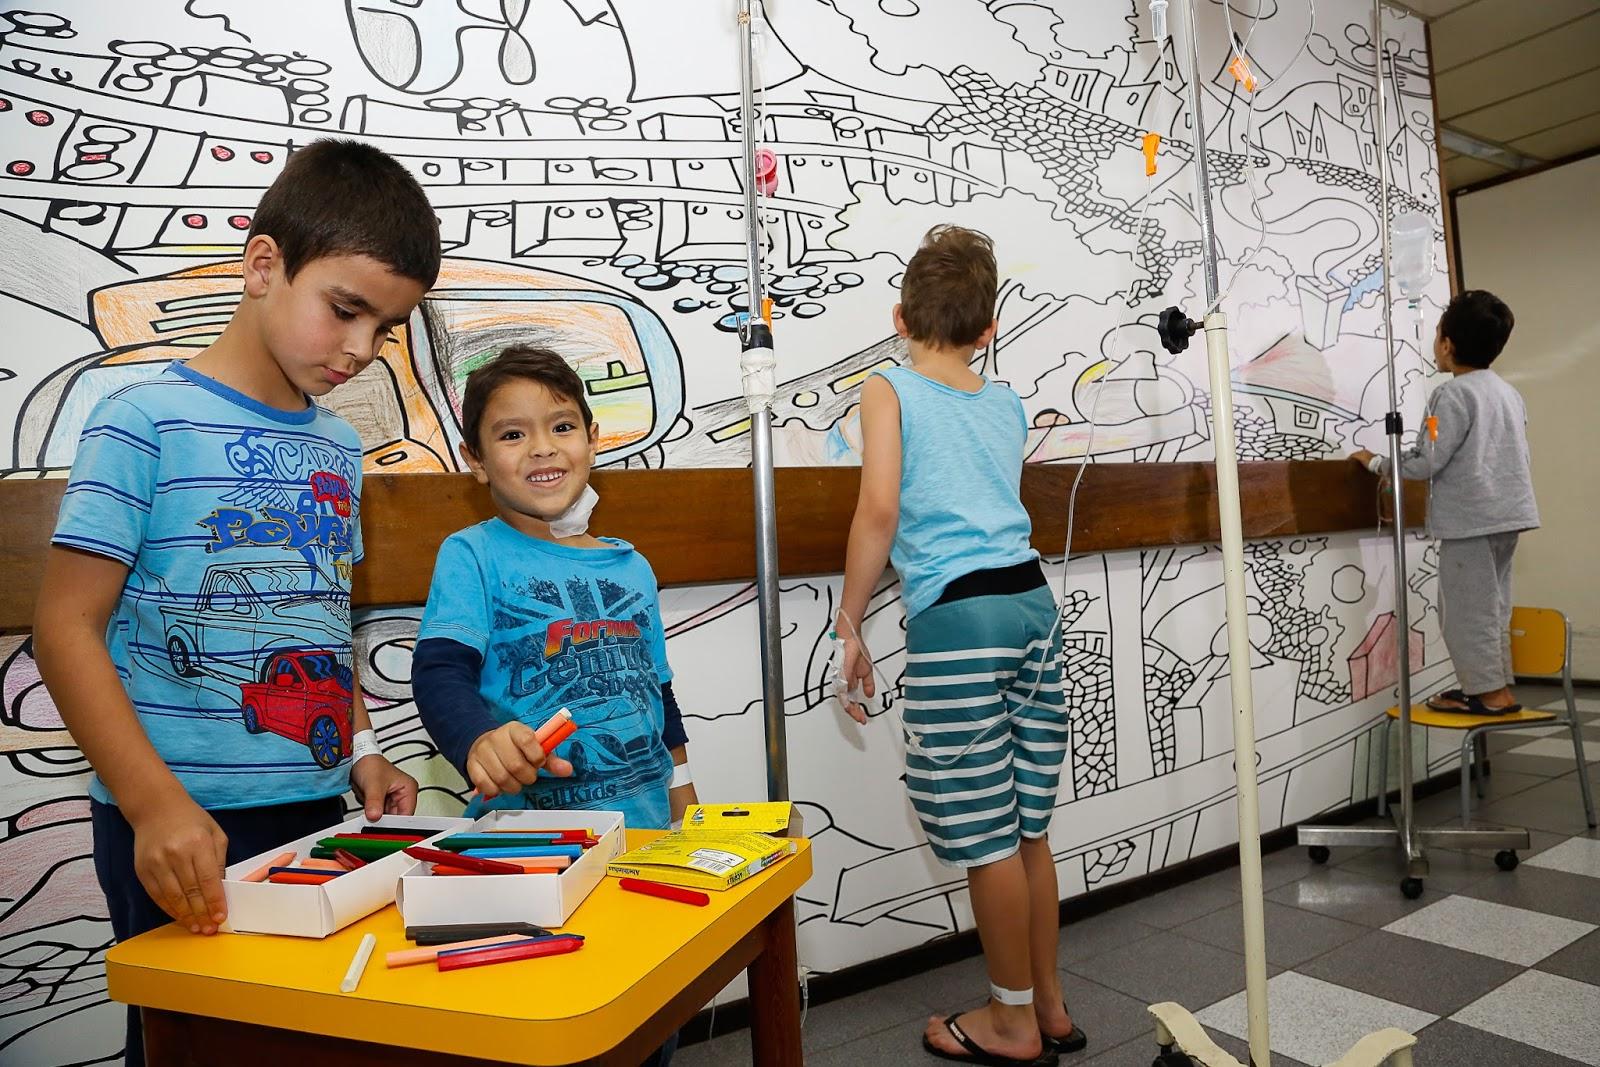 Papel de parede para pintar no hospital pequeno princ pe for Papel de pared para pintar